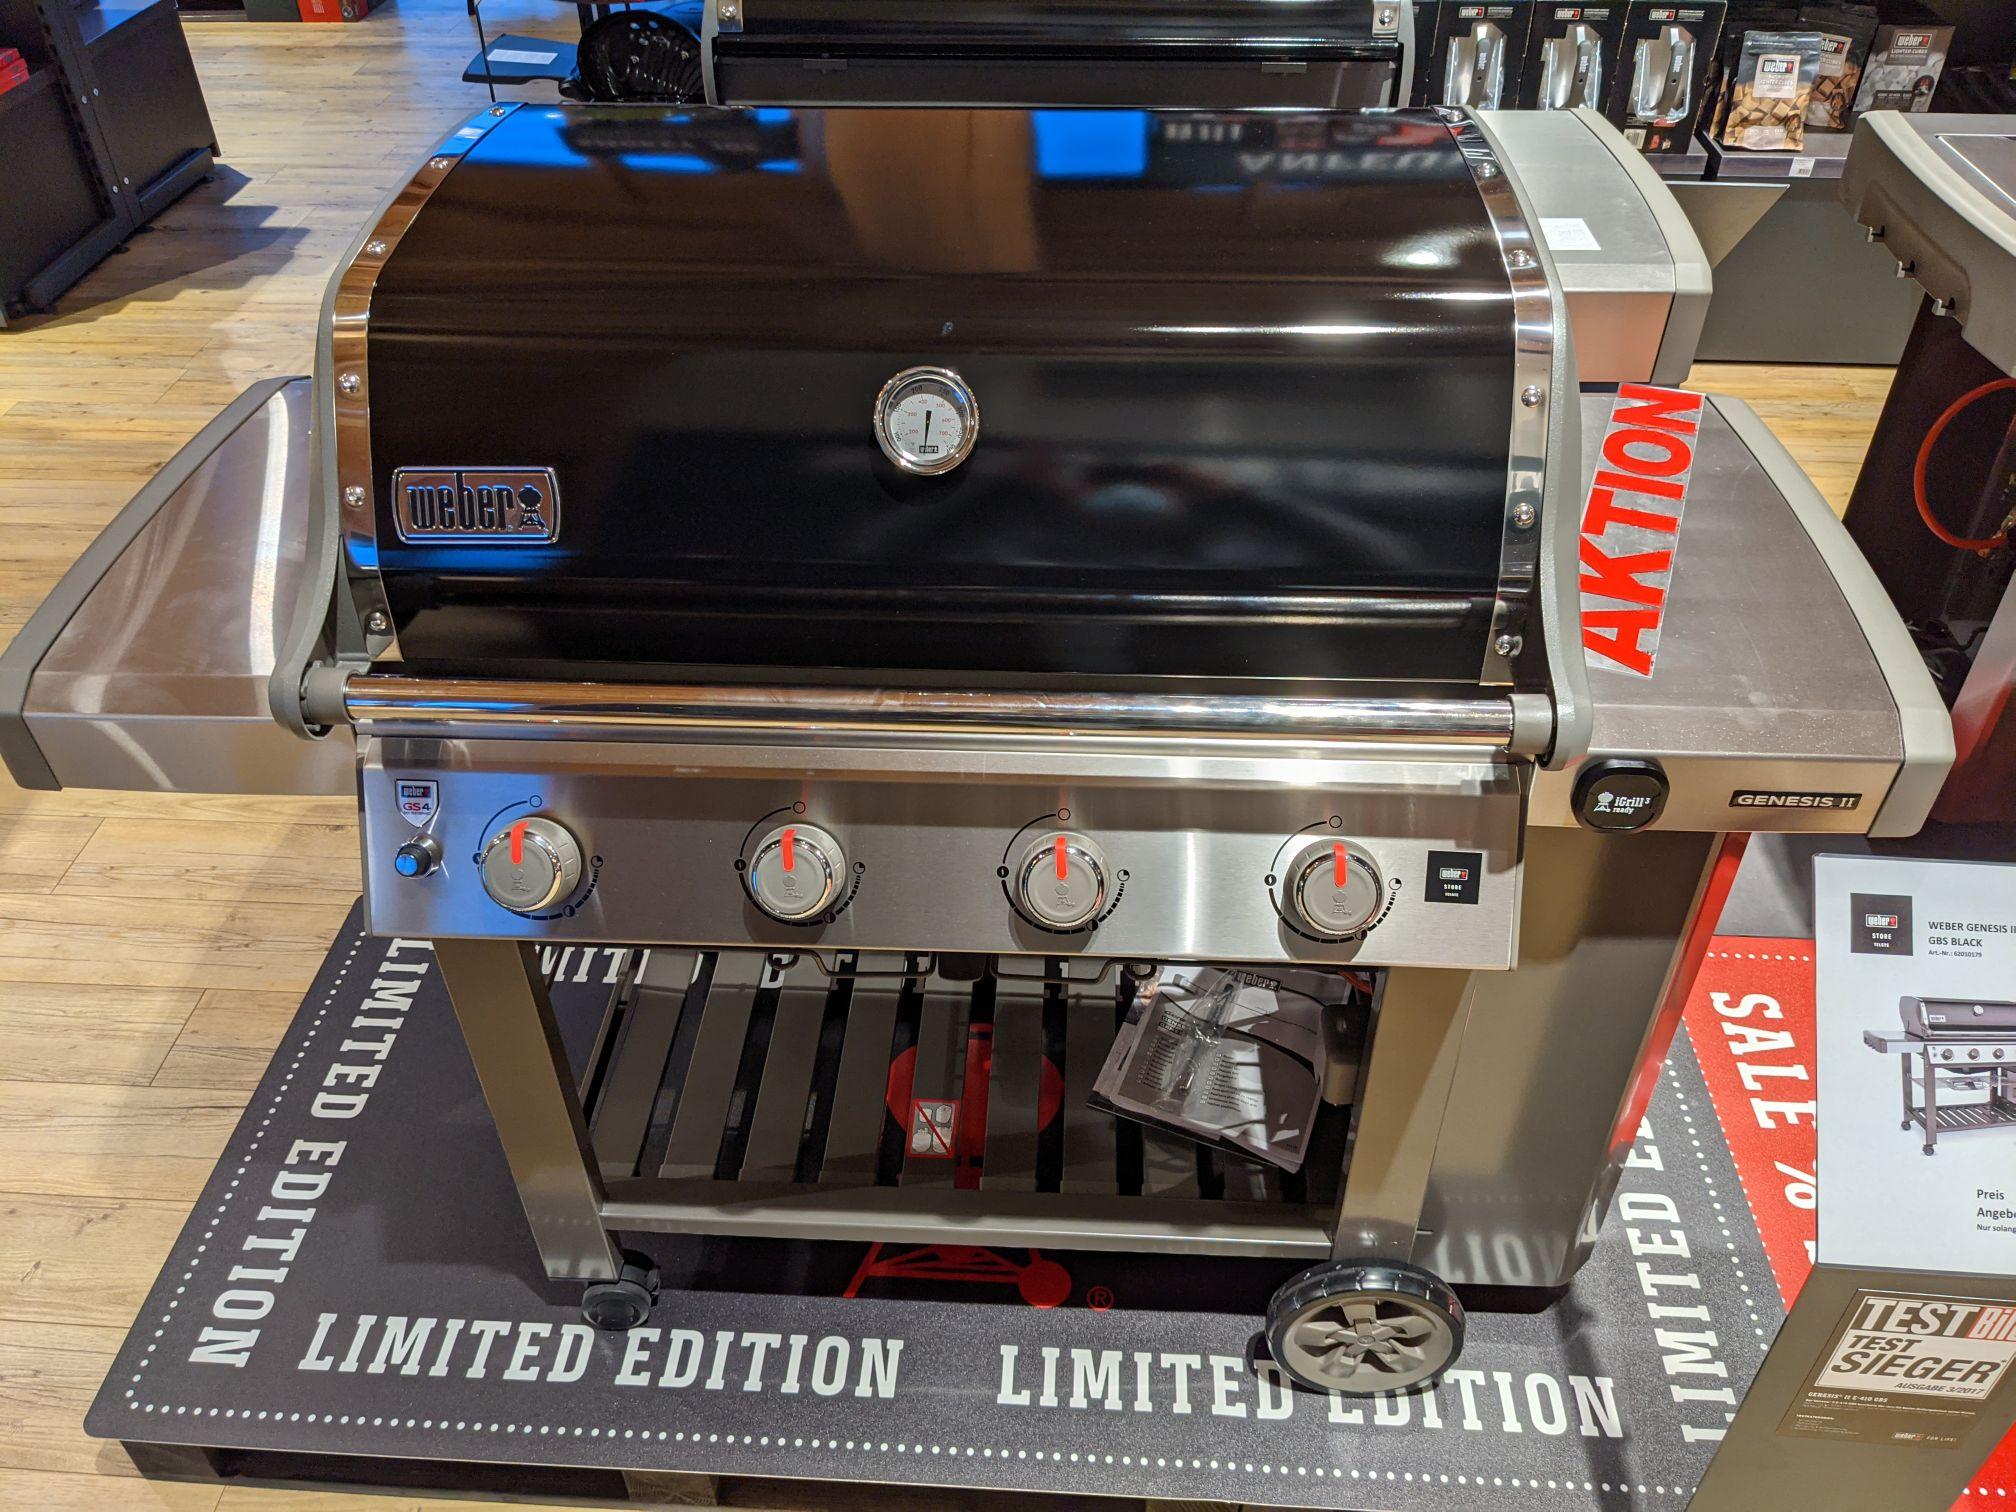 - Lokal - Weber Genesis II E-410 GBS - Weber Store Telgte